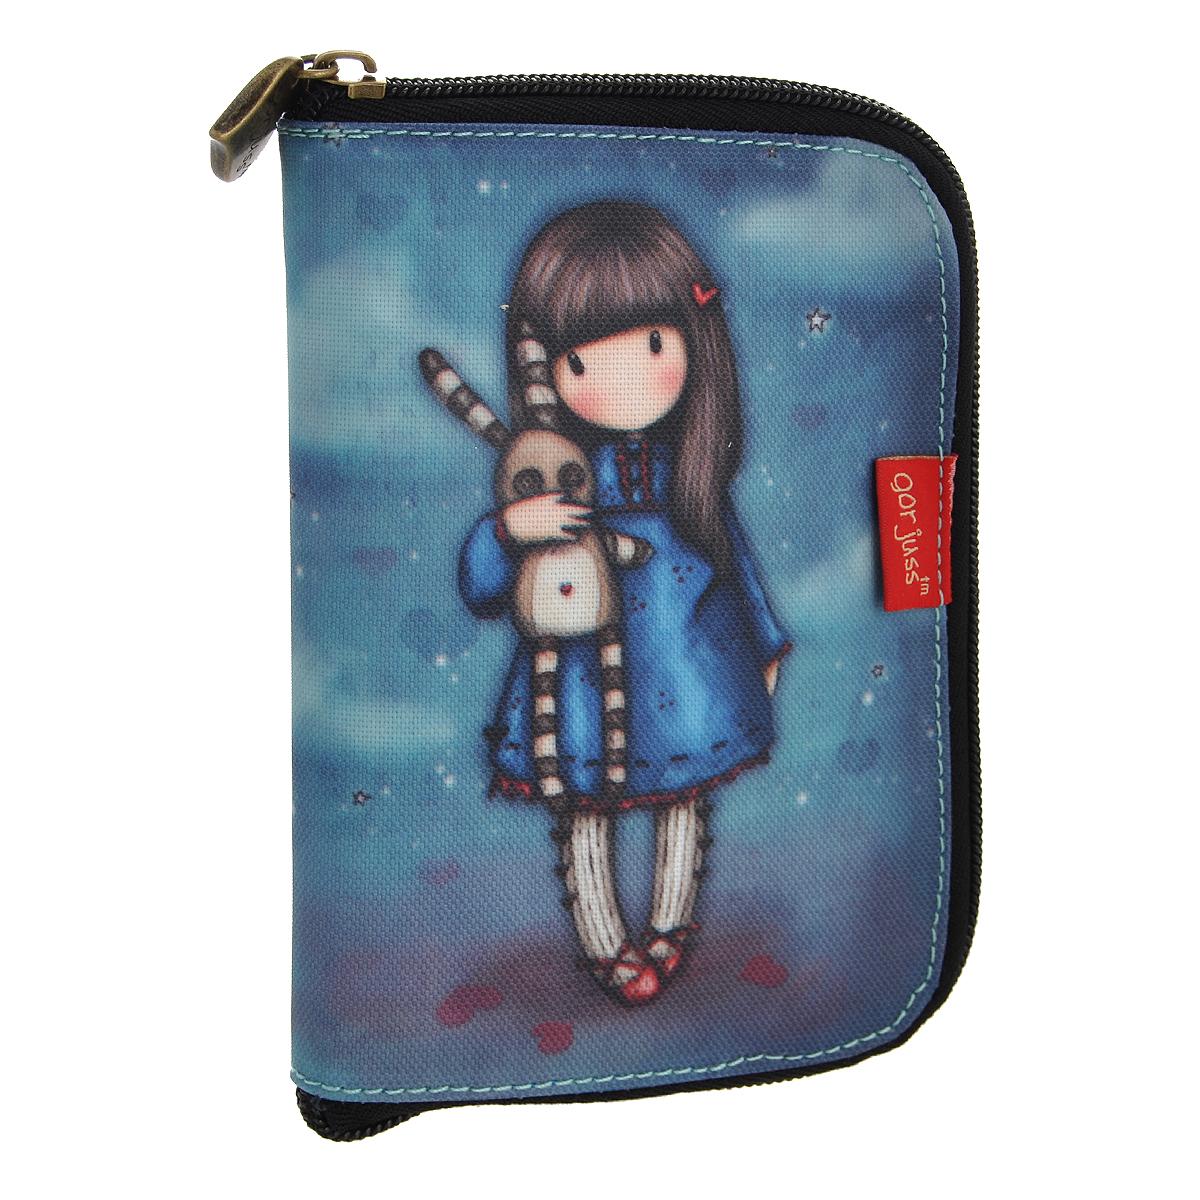 Складывающаяся сумка для покупок Hush Little Bunny, цвет: синий. 00122090012209Складывающаяся сумка для покупок с милой девочкой Gordjuss непременно порадует вас или станет прекрасным подарком. Сумка складывается в симпатичный чехольчик на молнии, сама сумка выполнена из текстиля синего цвета с орнаментом и имеет две удобные ручки. Сумка очень удобна в использовании - ее легко раскладывать и складывать.